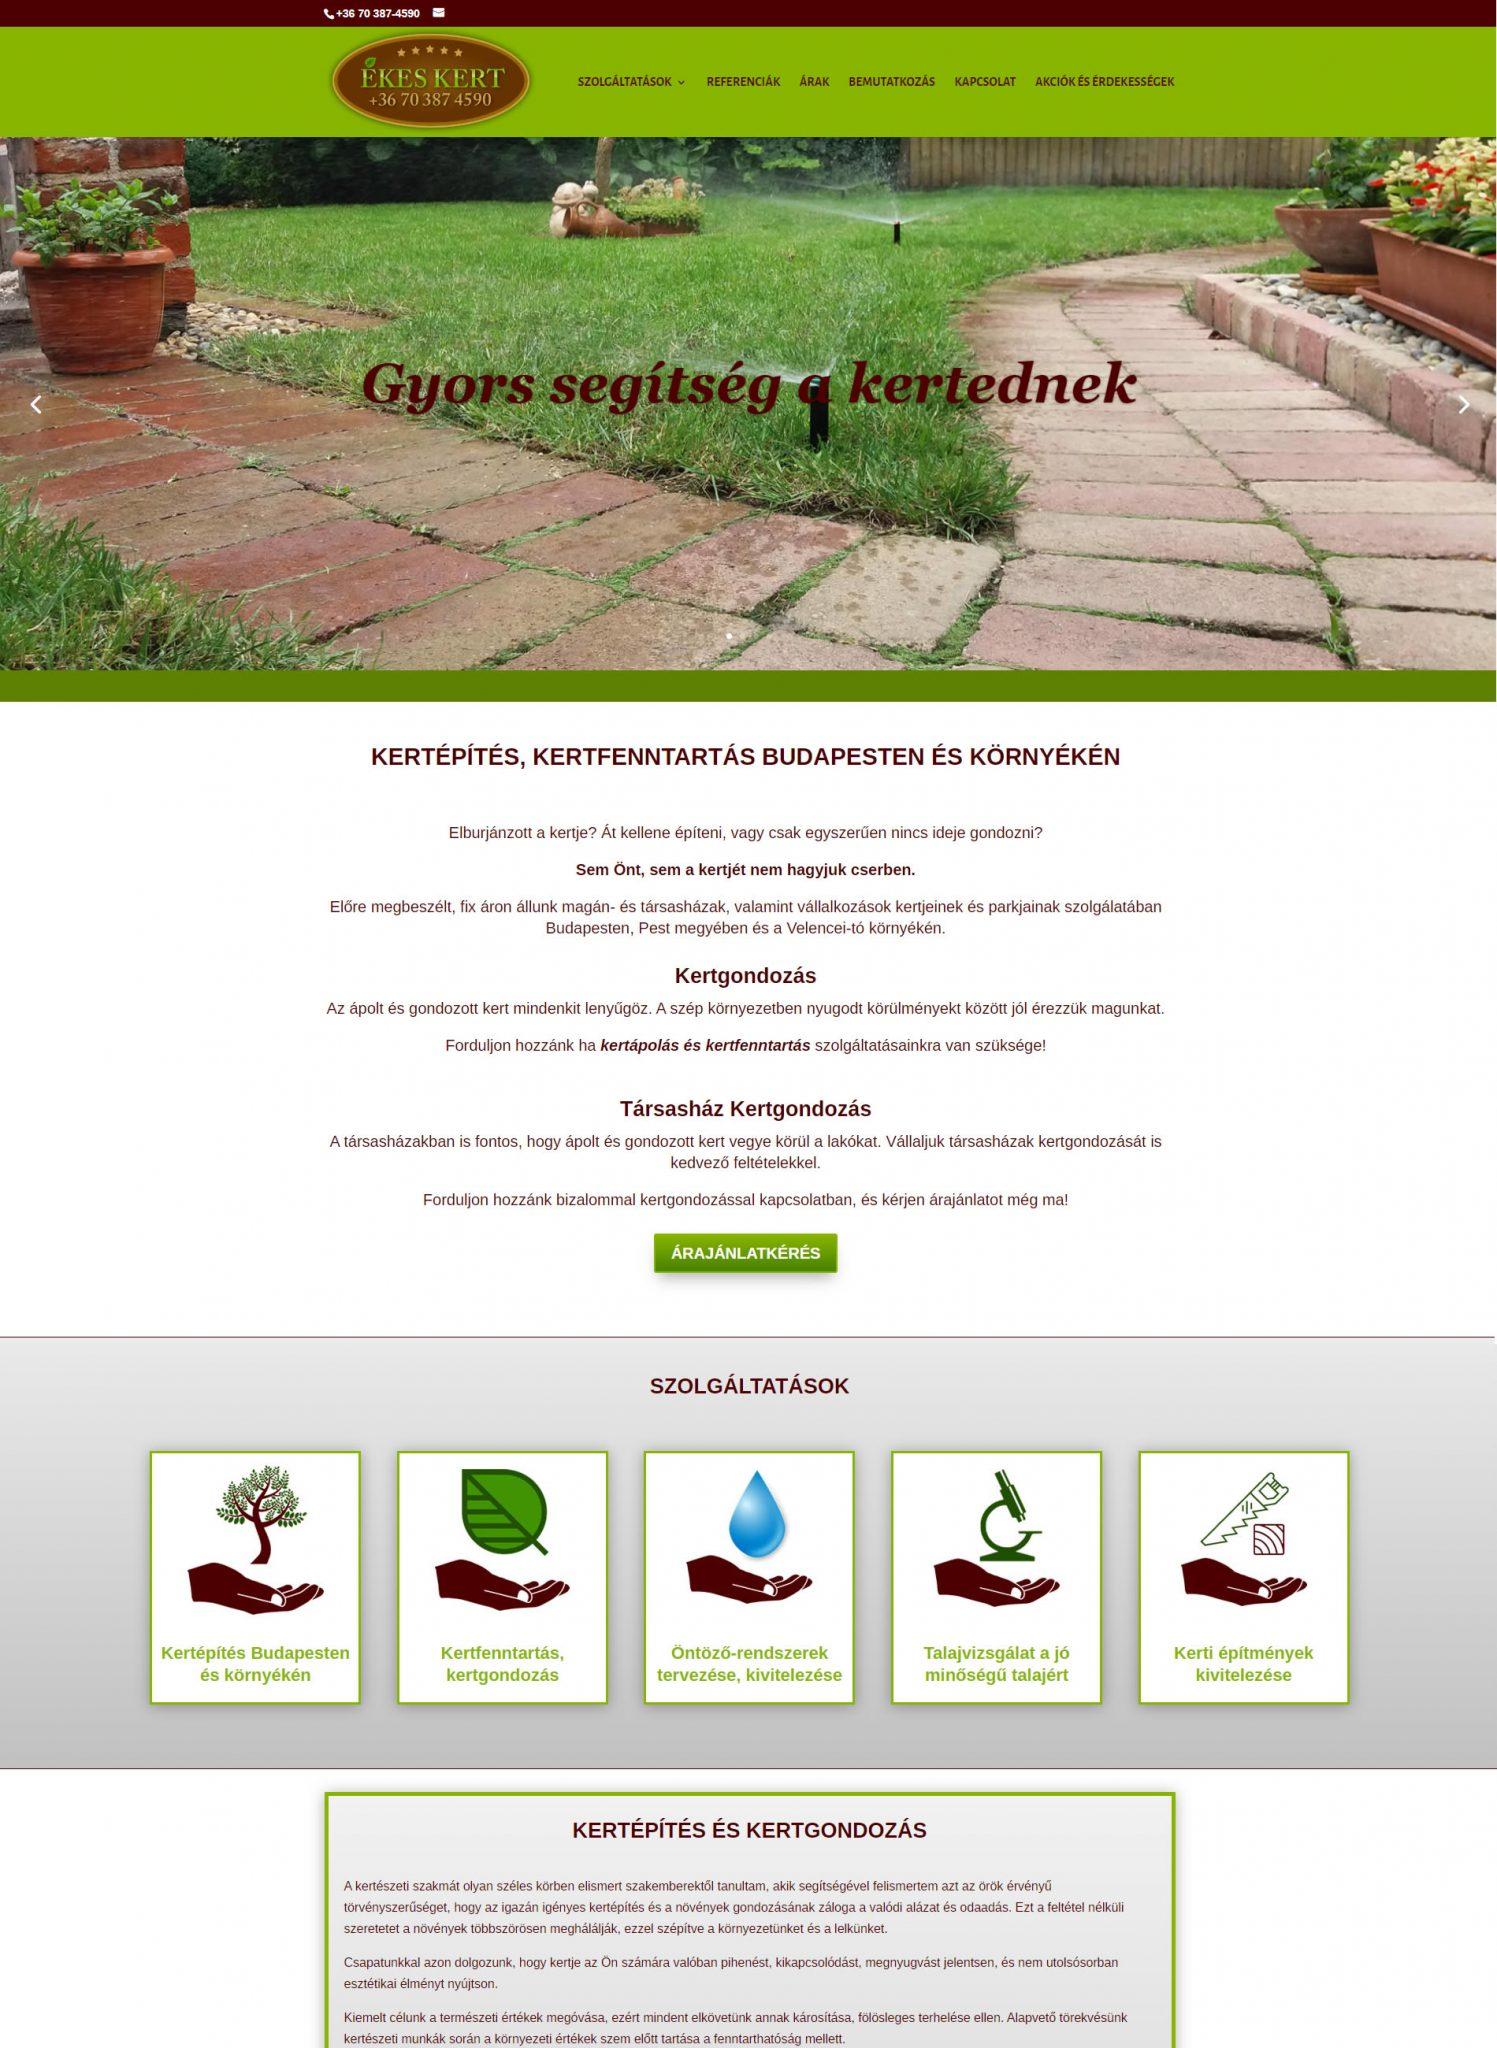 ékeskert weboldal keresőoptimalizálása